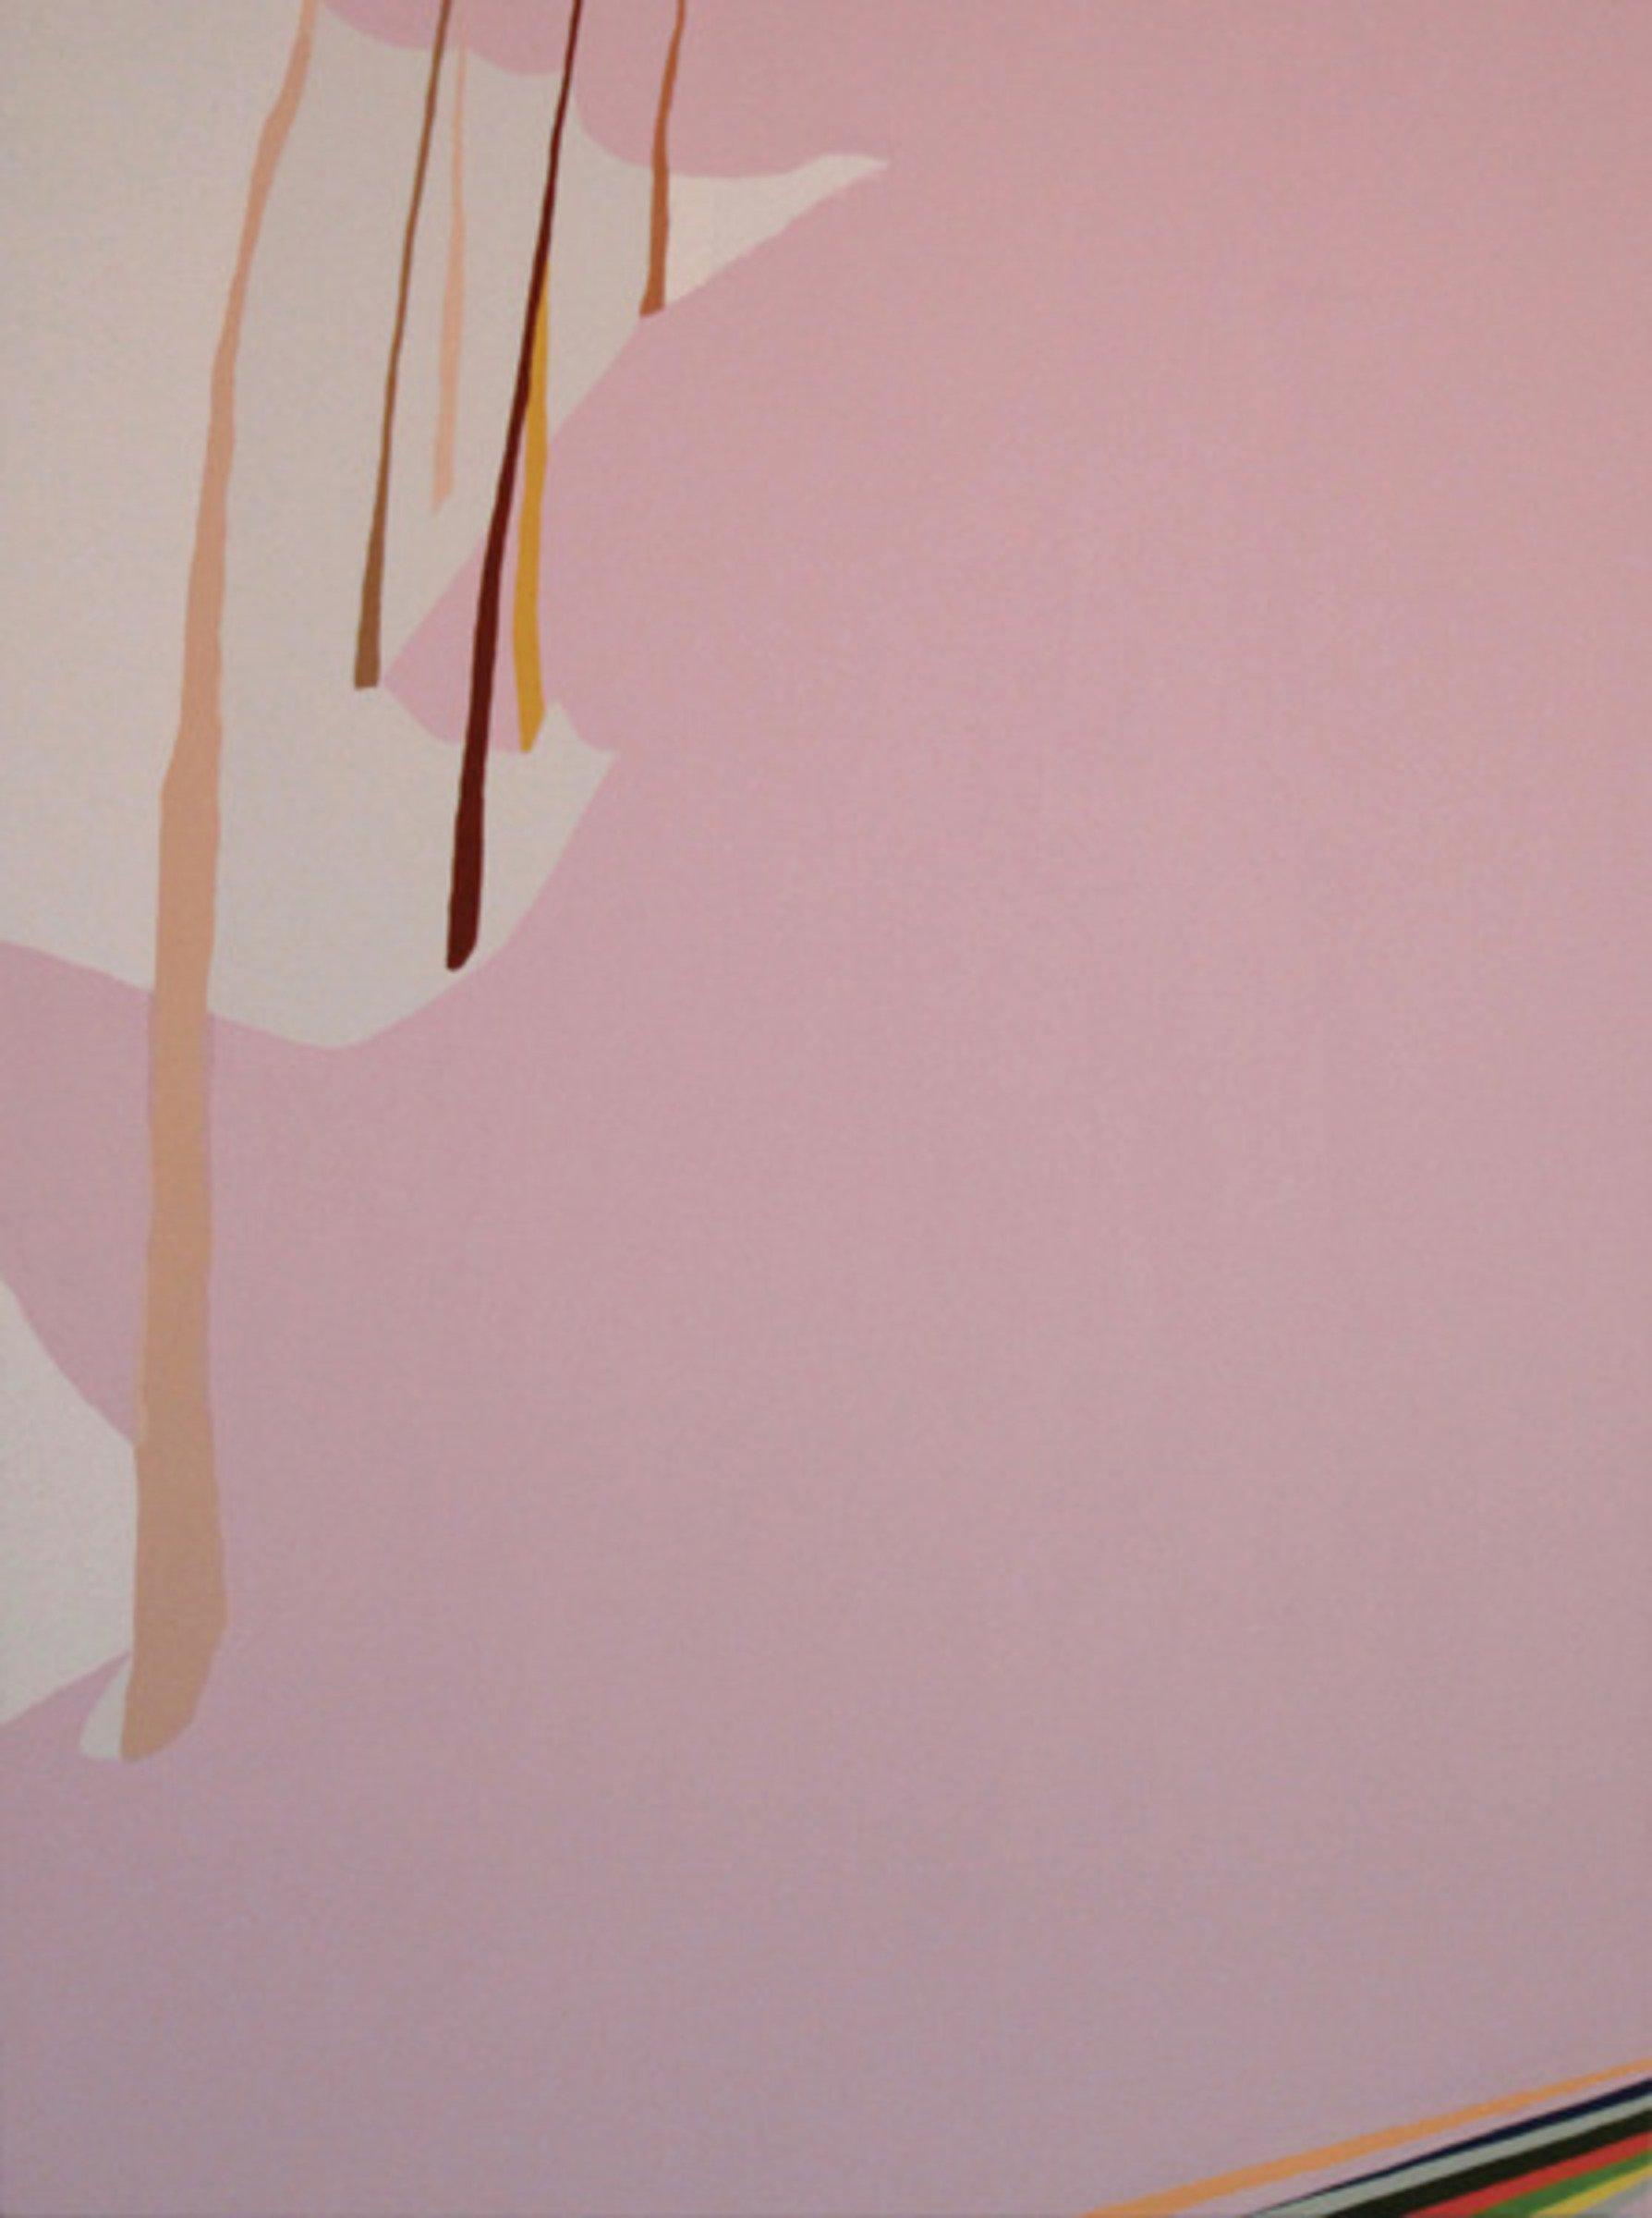 Patty Cateura, Snow Bank, 2009